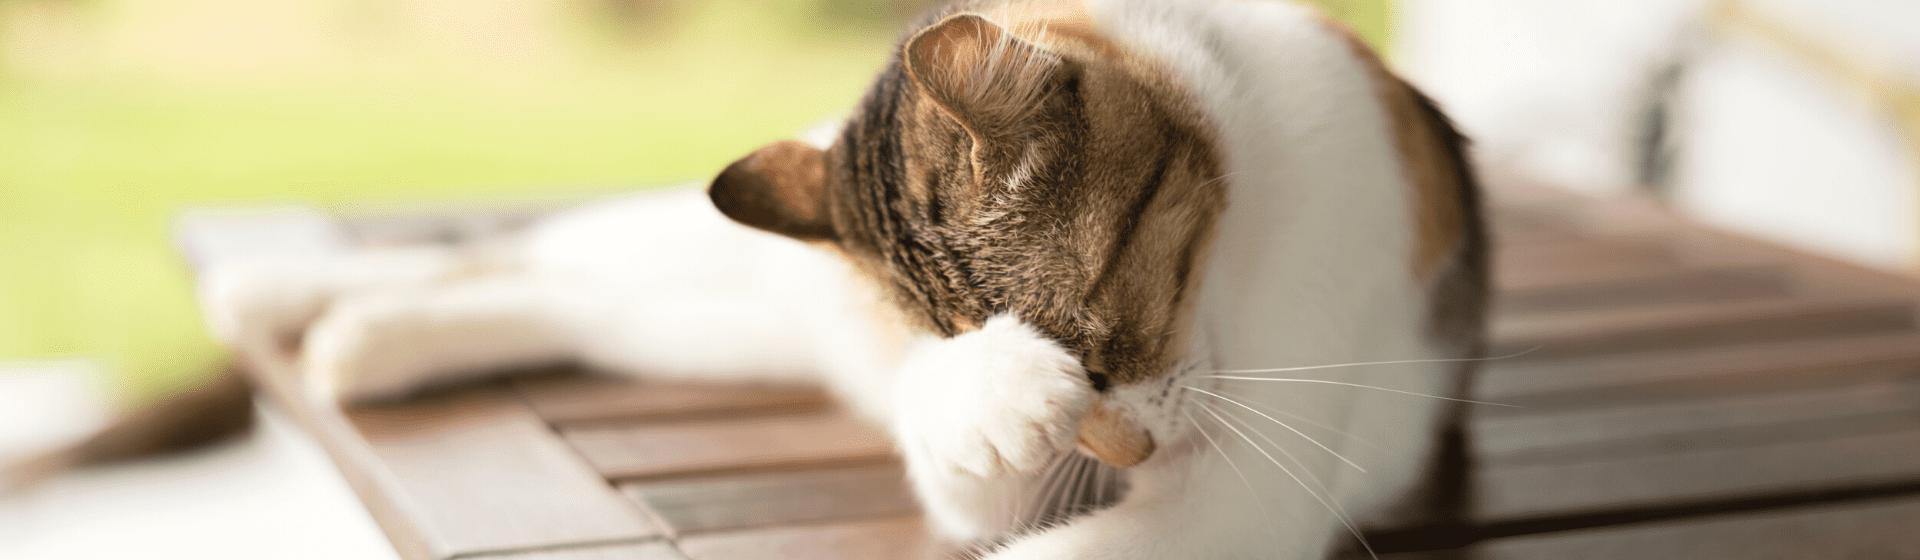 Pulgas de gato: como tirar pulgas de gato?